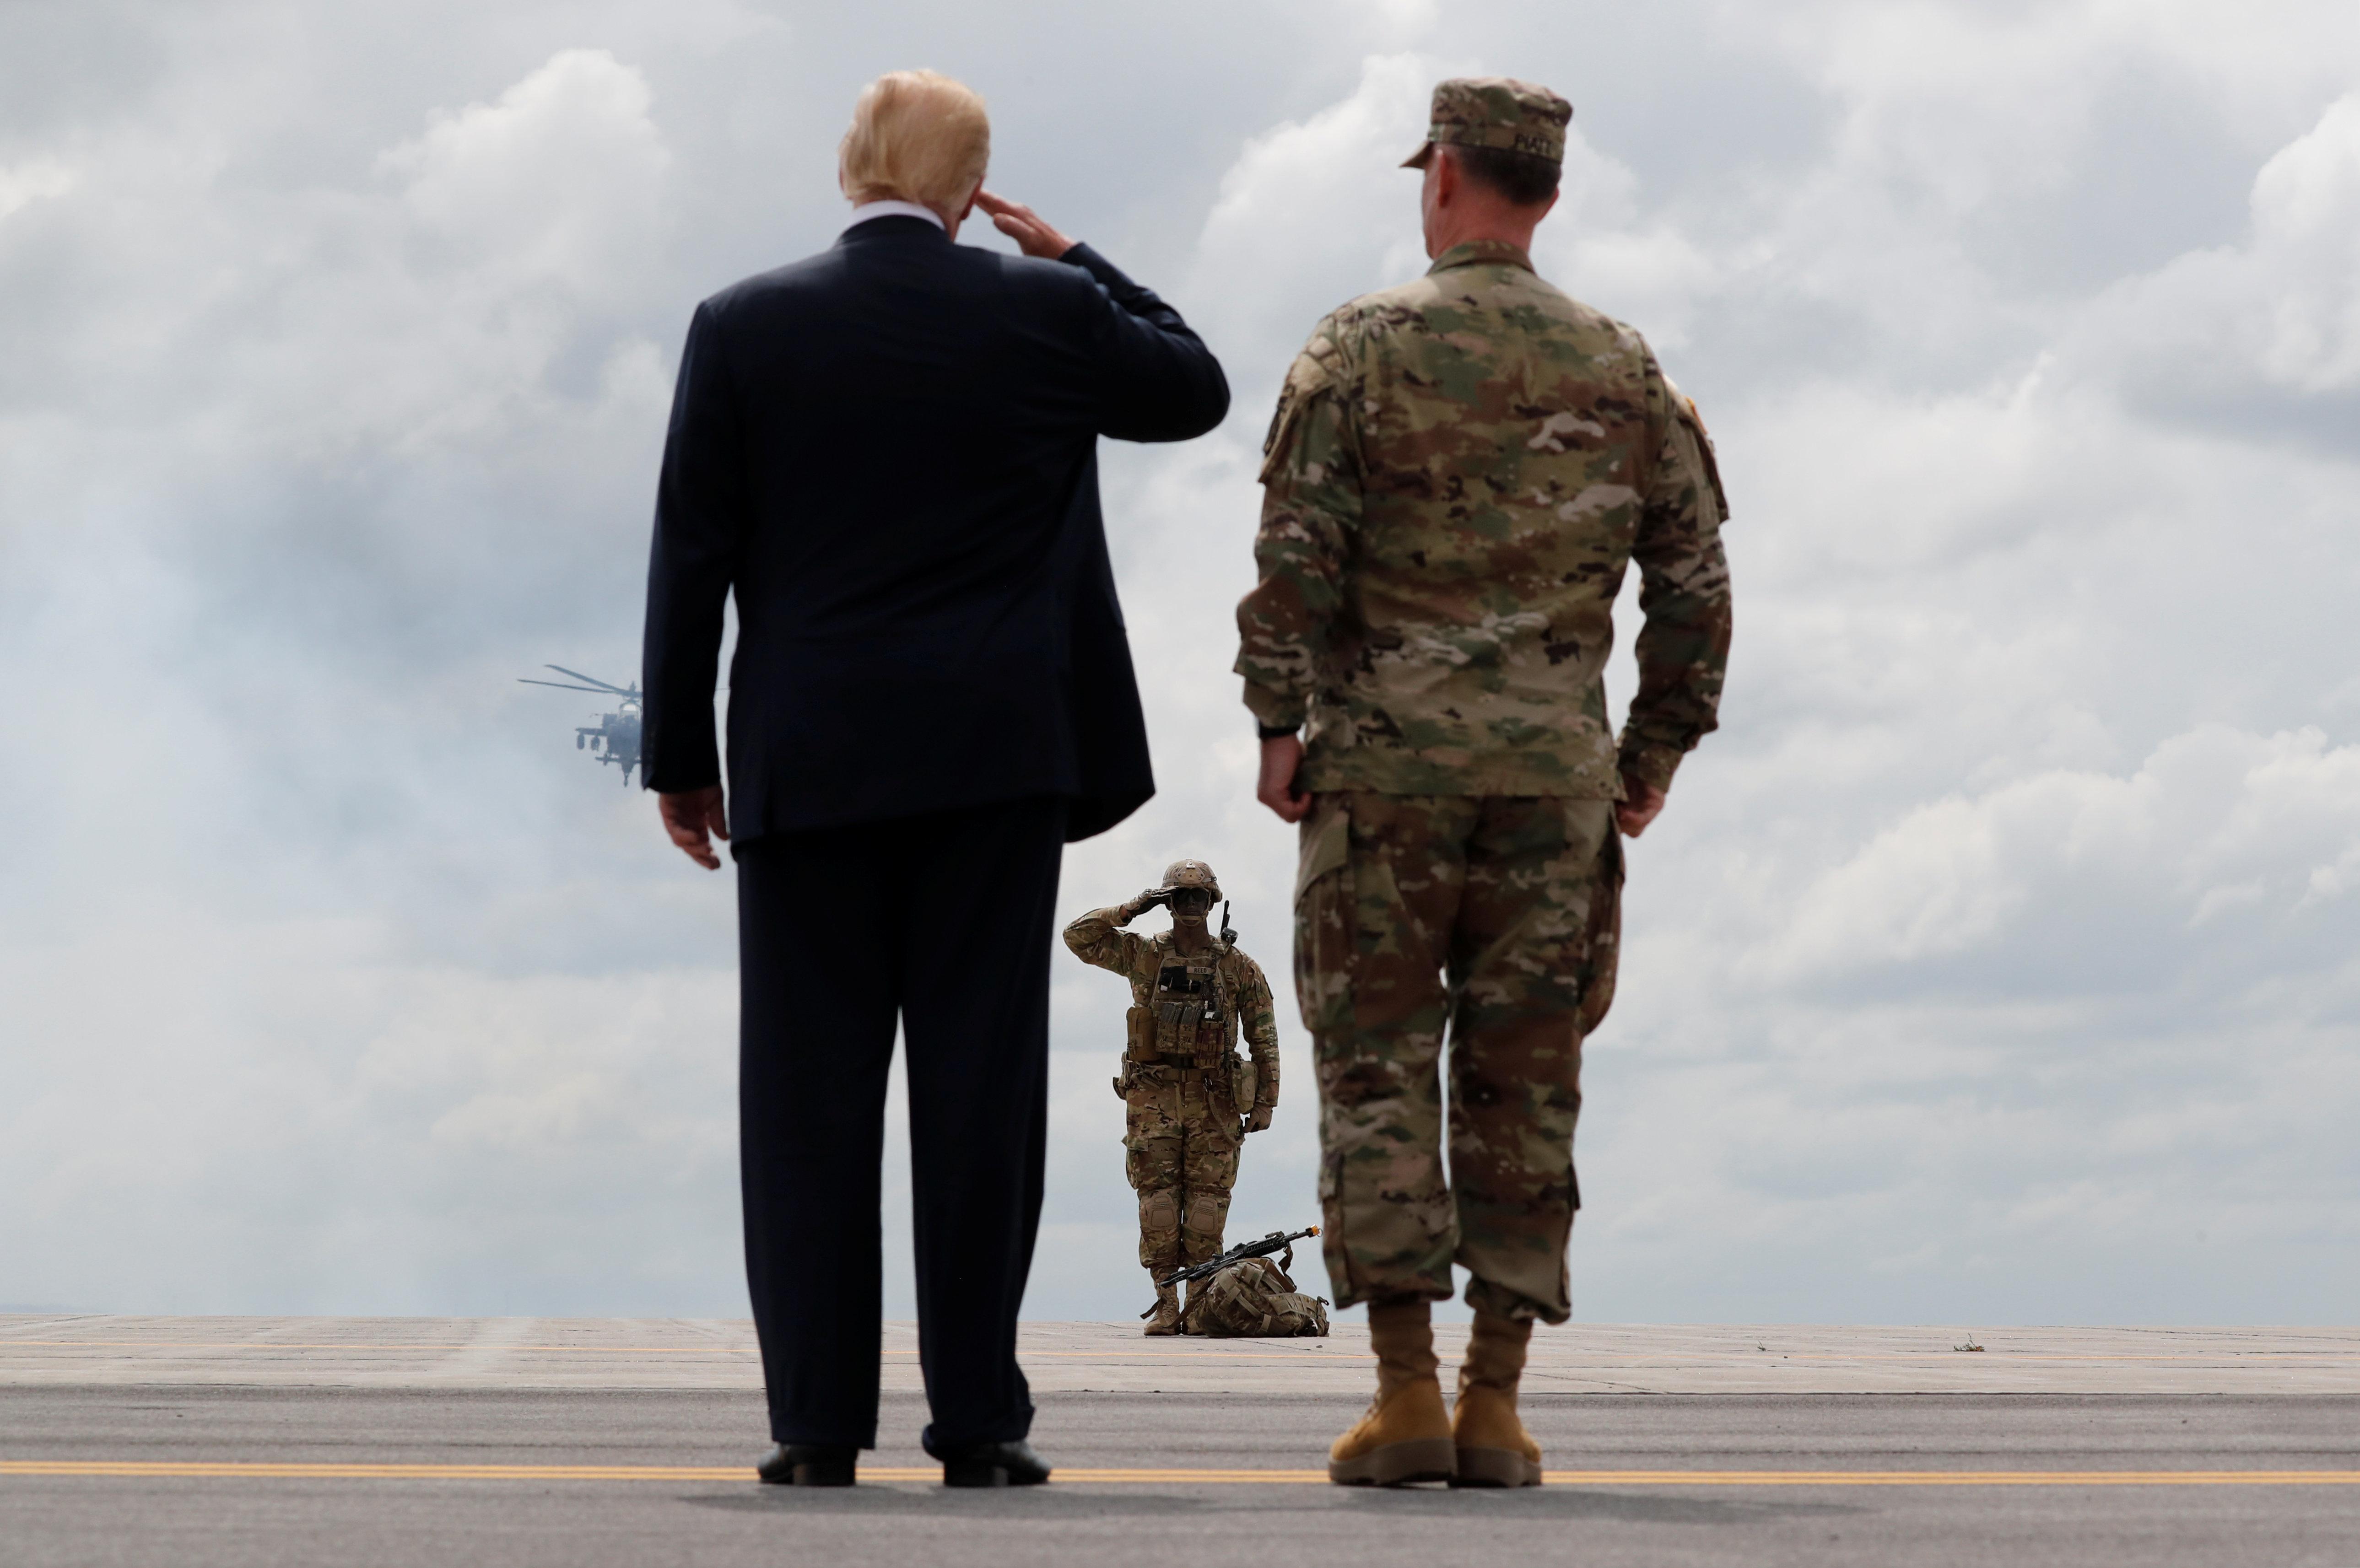 Αναβάλλεται για το 2019 η στρατιωτική παρέλαση που ήθελε στην Ουάσινγκτον ο